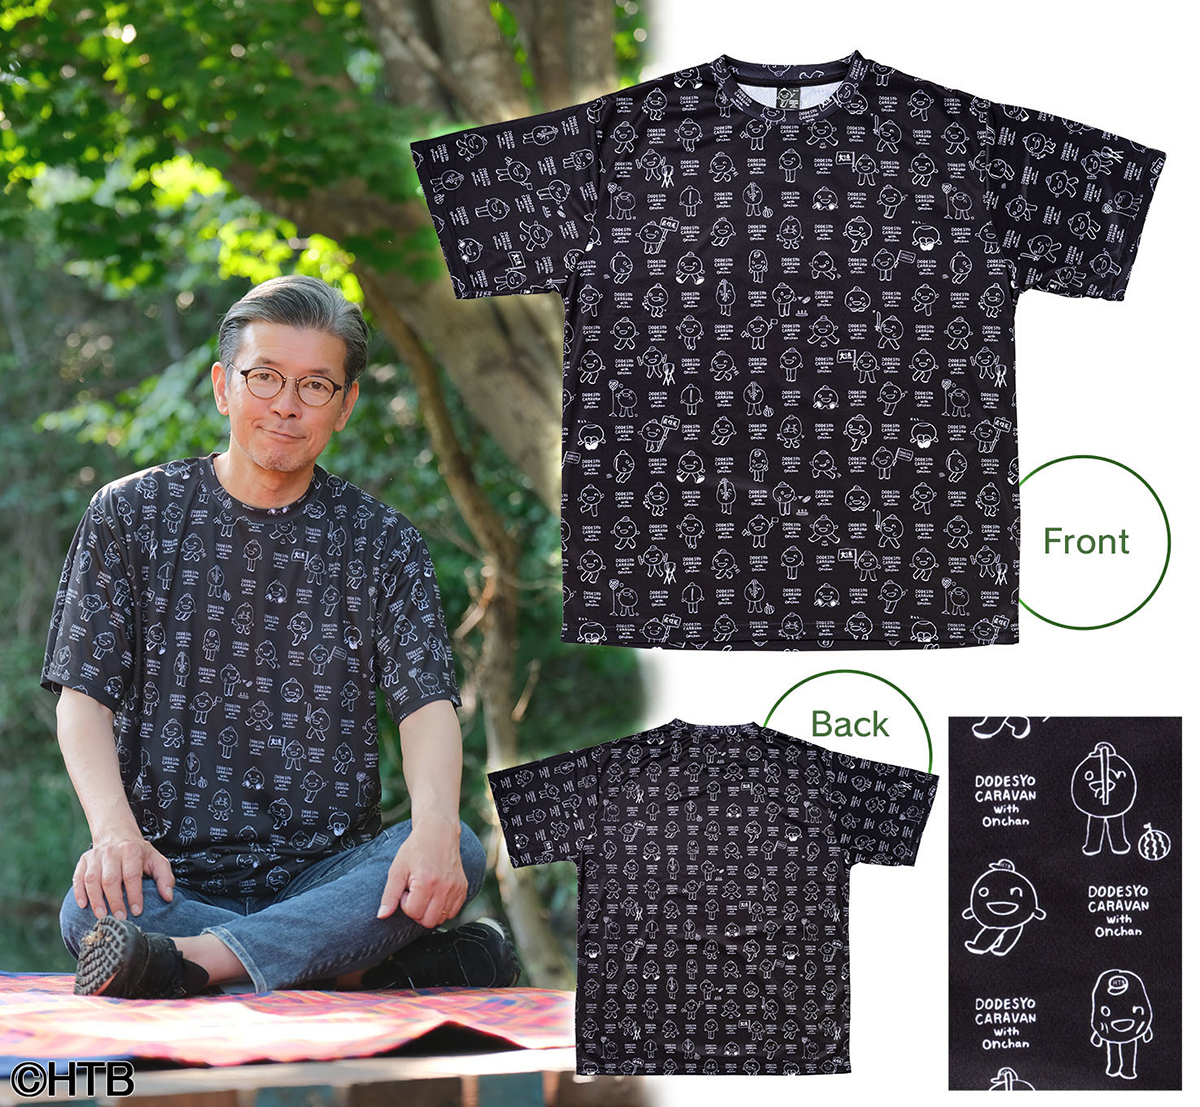 「どうでしょうキャラバン with onchan Tシャツ」